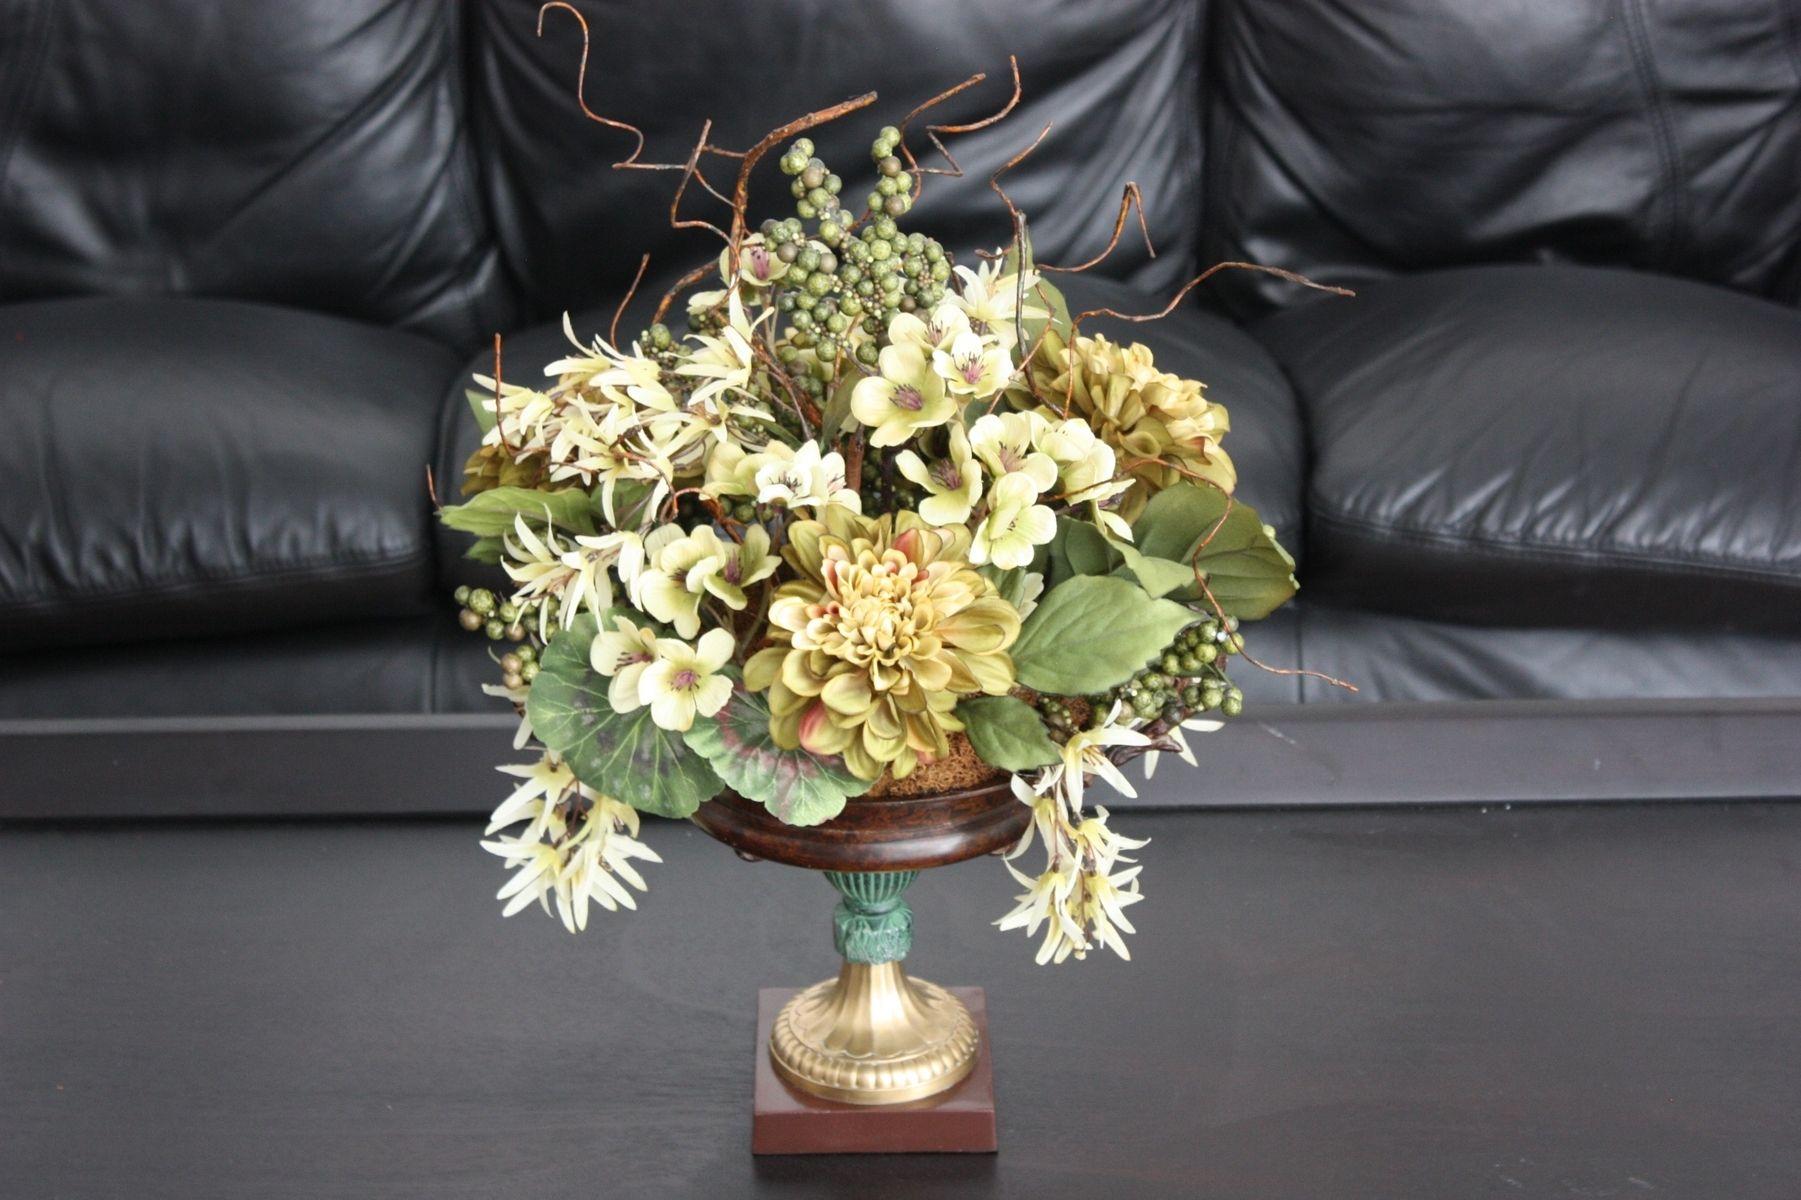 Hand Made Dining Table Centerpiece Silk Flower Arrangement Home